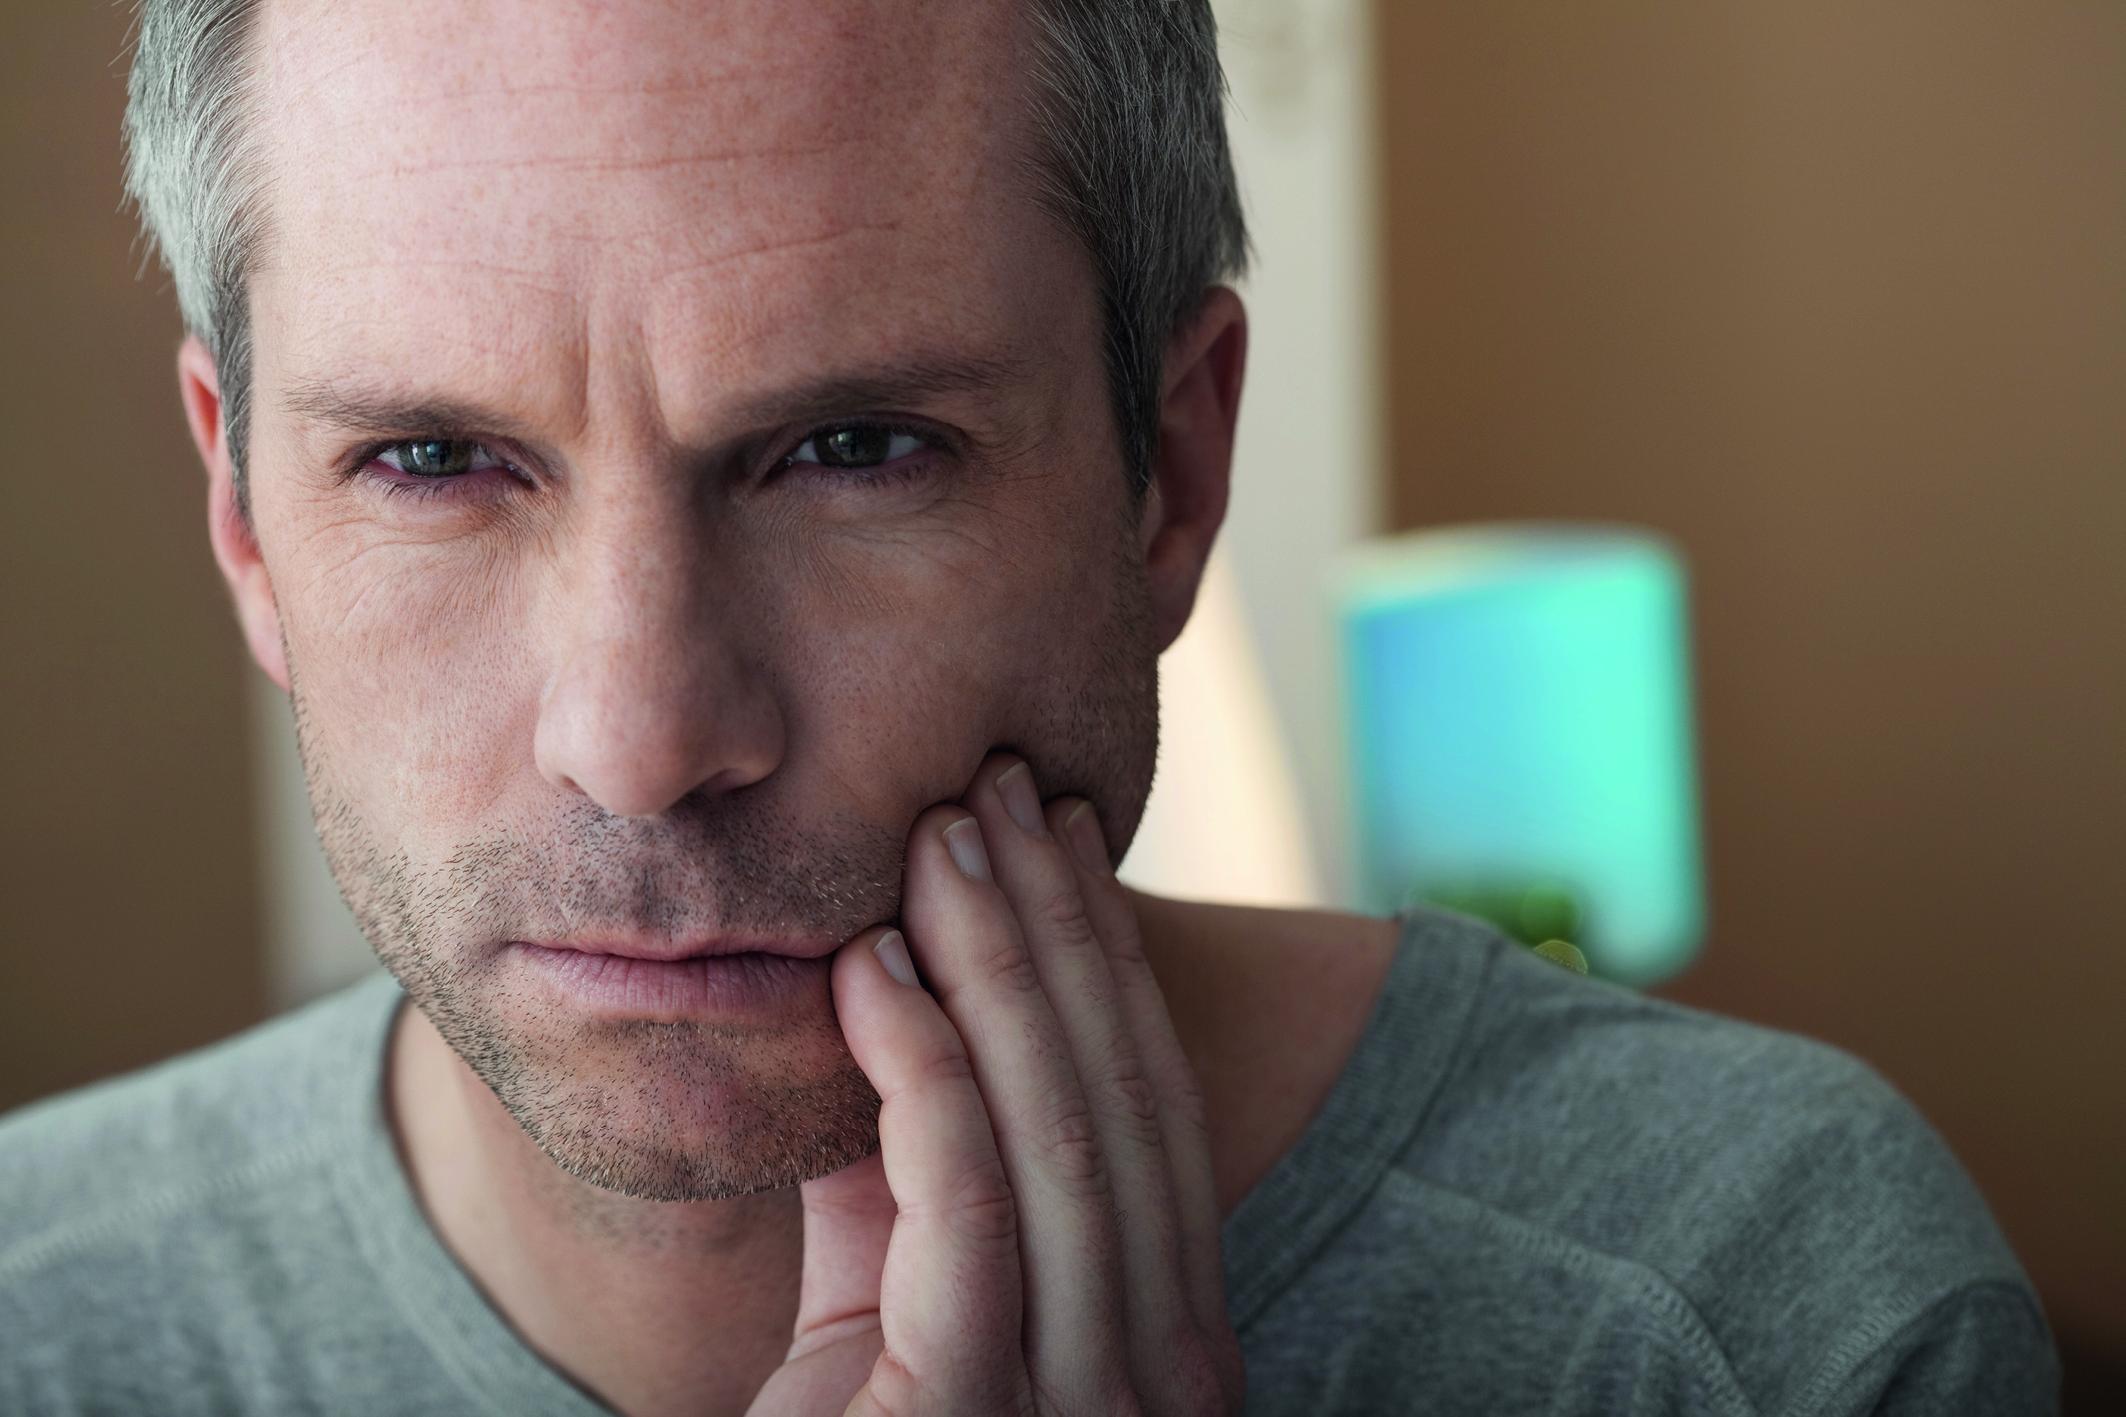 Ein Mann hat Probleme mit den Zähnen und hält sich vor Schmerzen die linke Wange